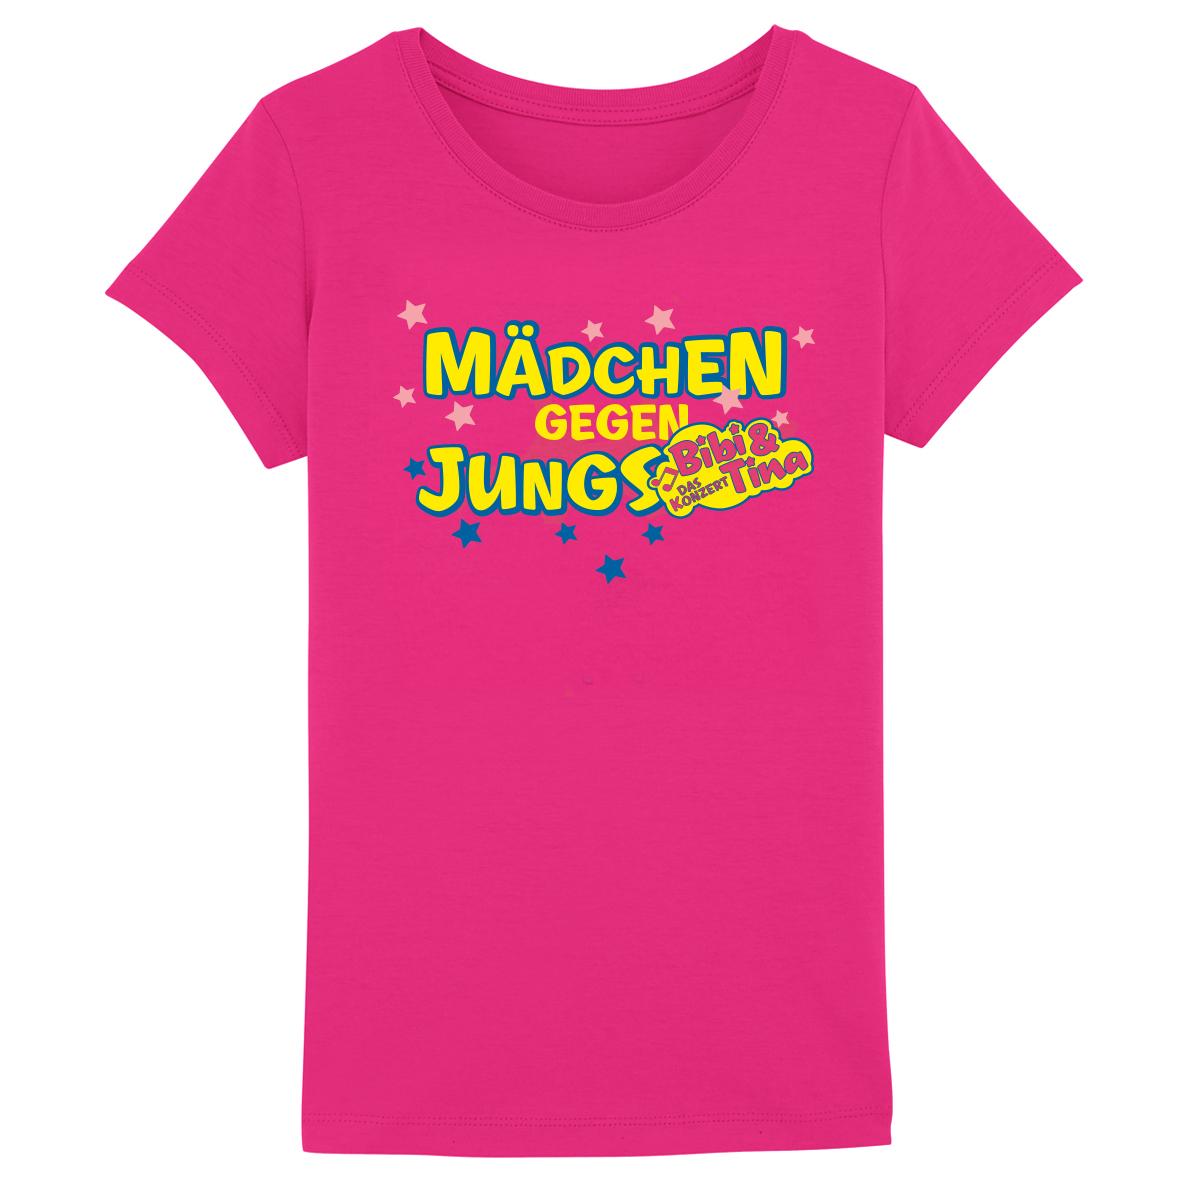 Bibi&Tina Mädchen gegen Jungs Kinder T-Shirt, rosa